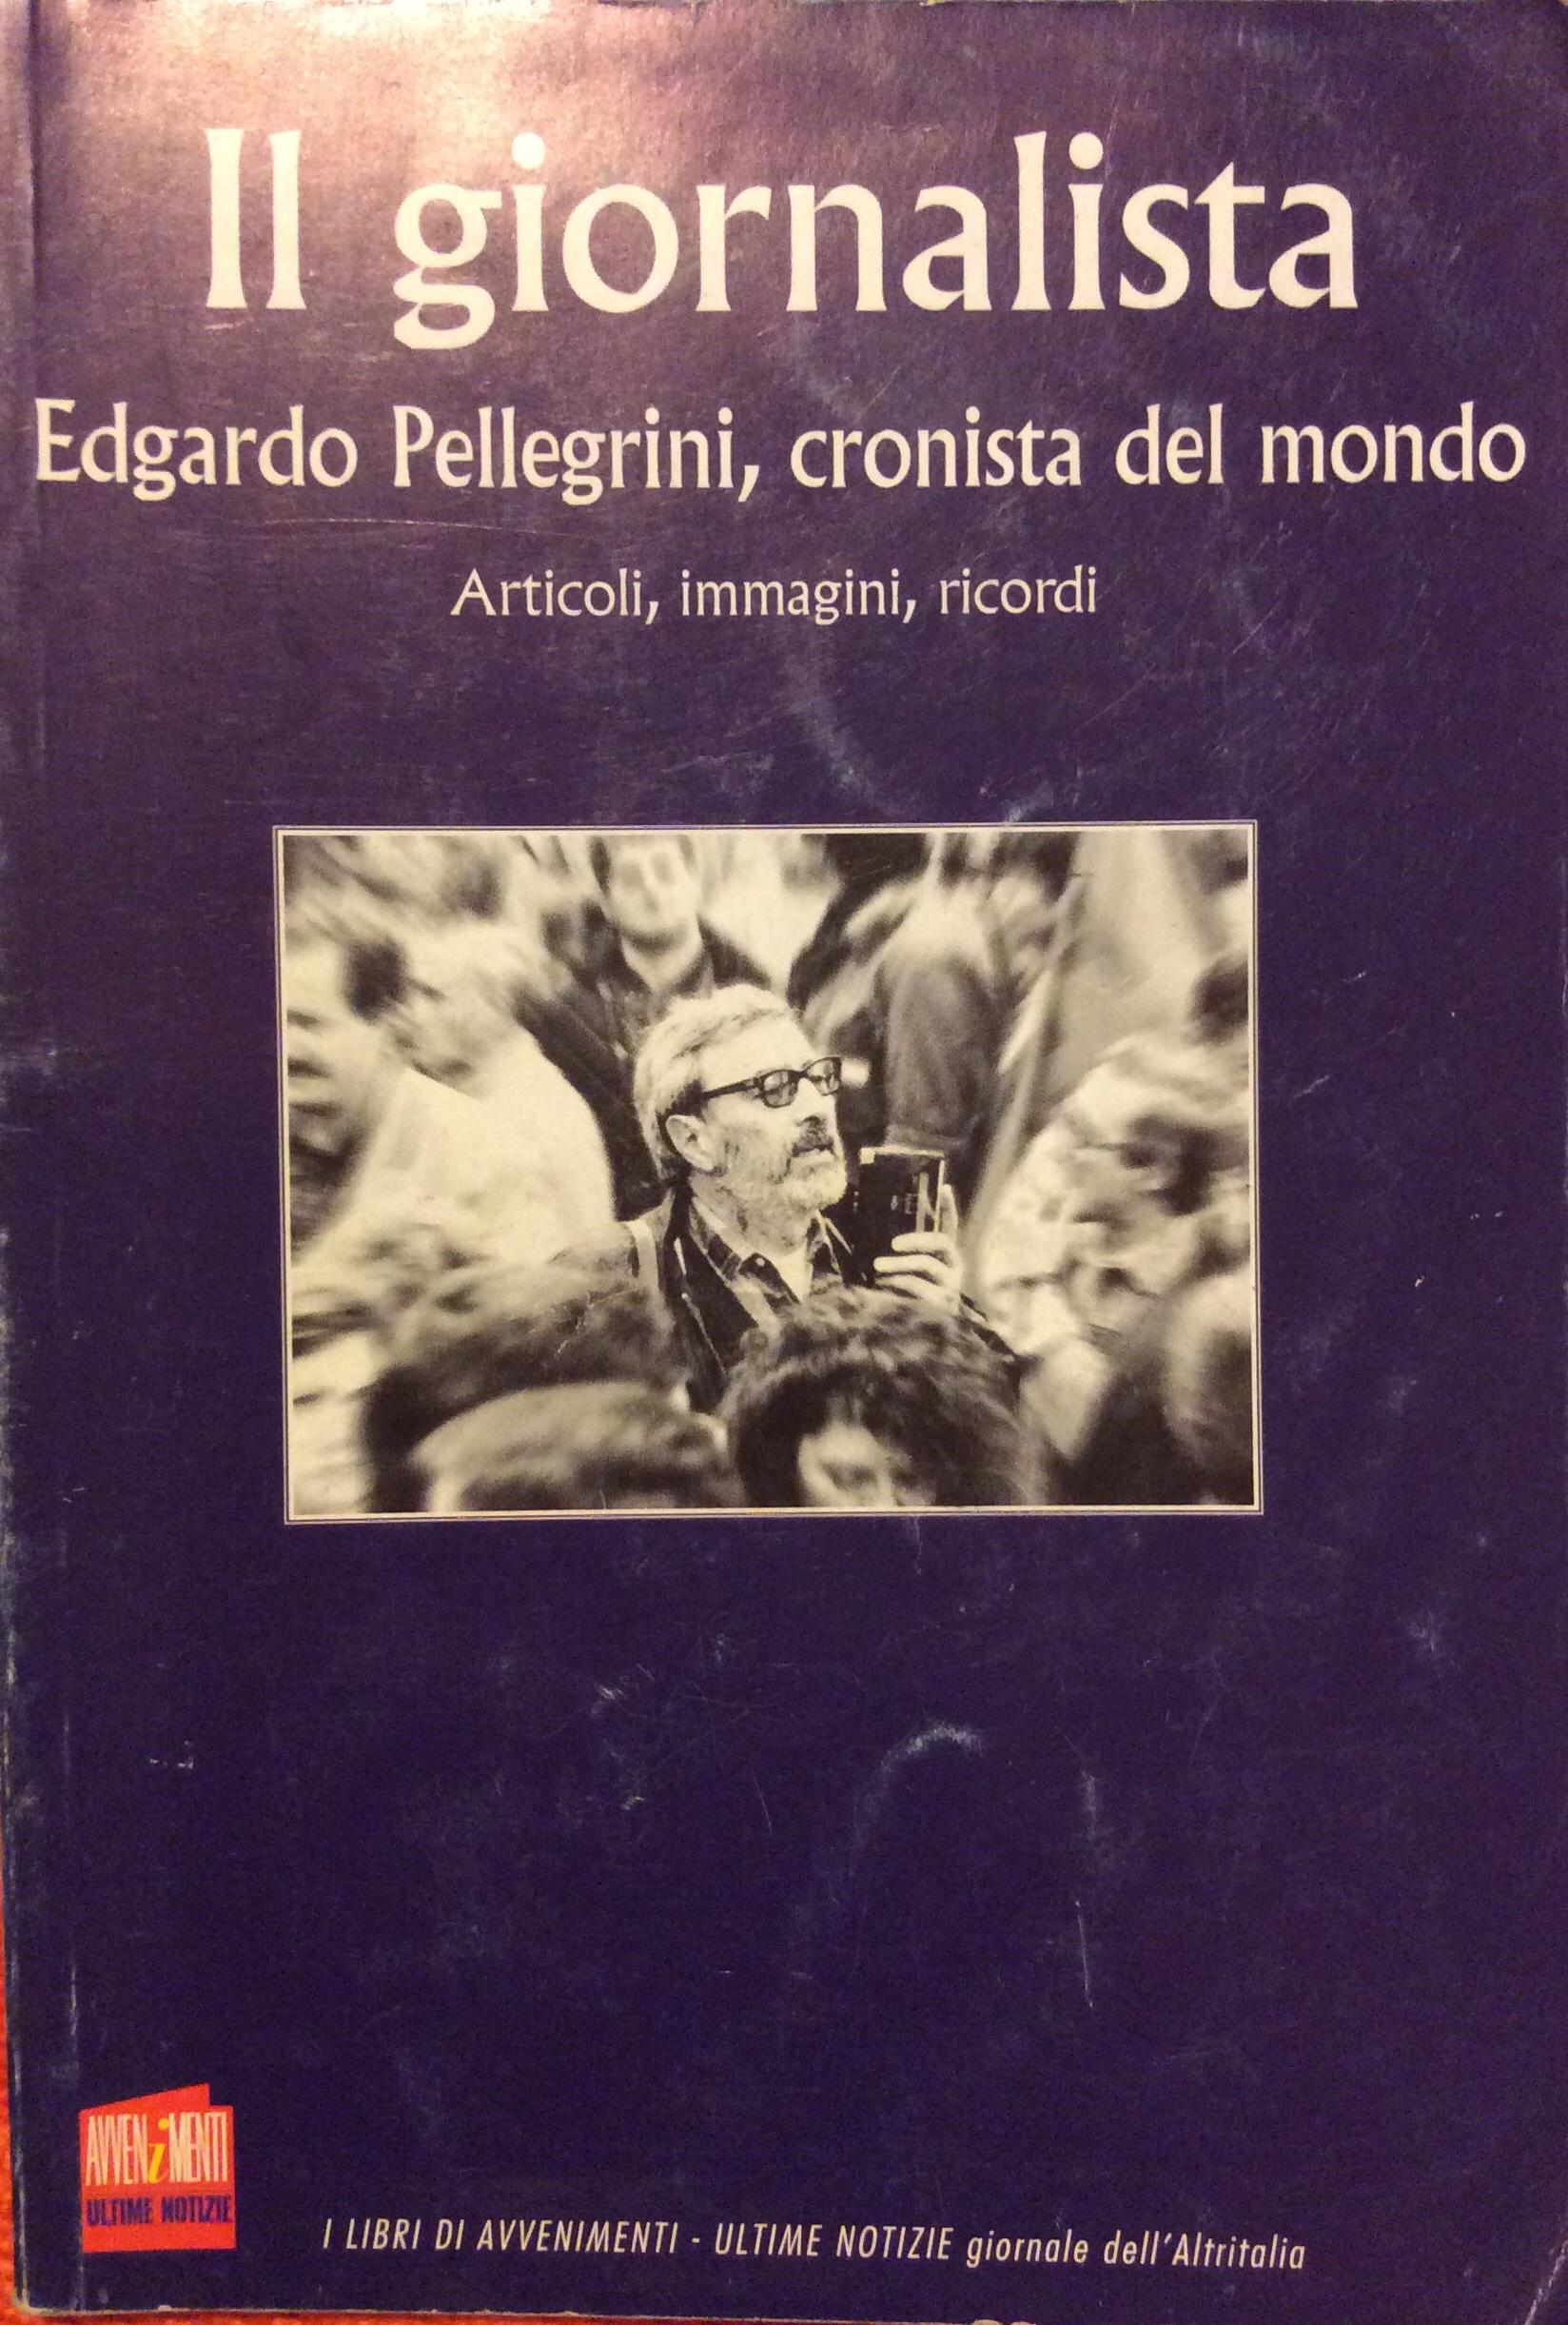 Il giornalista. Edgardo Pellegrini, cronista del mondo